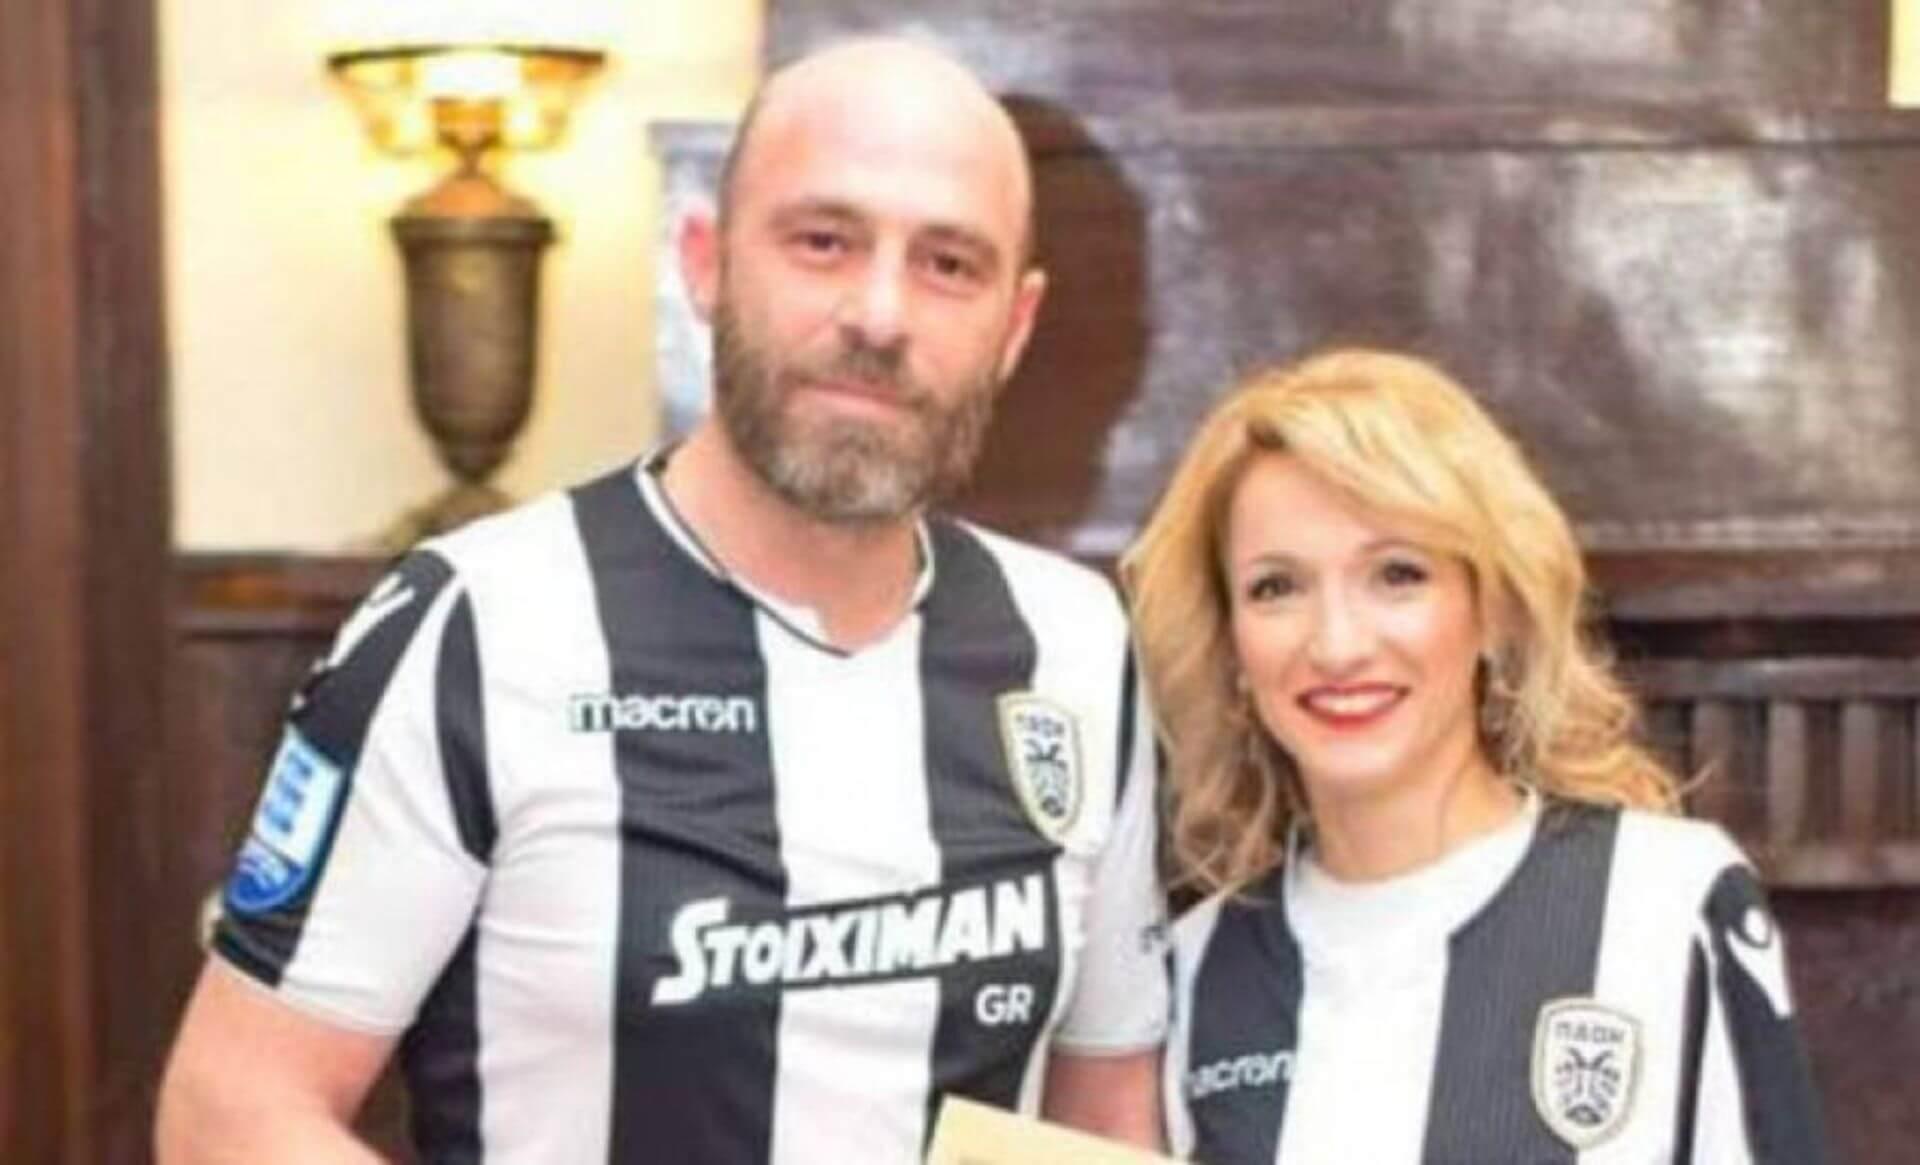 ΠΑΟΚ: Παντρεύτηκε λόγω… πρωταθλήματος. Υλοποίησε υπόσχεση 20 ετών 1